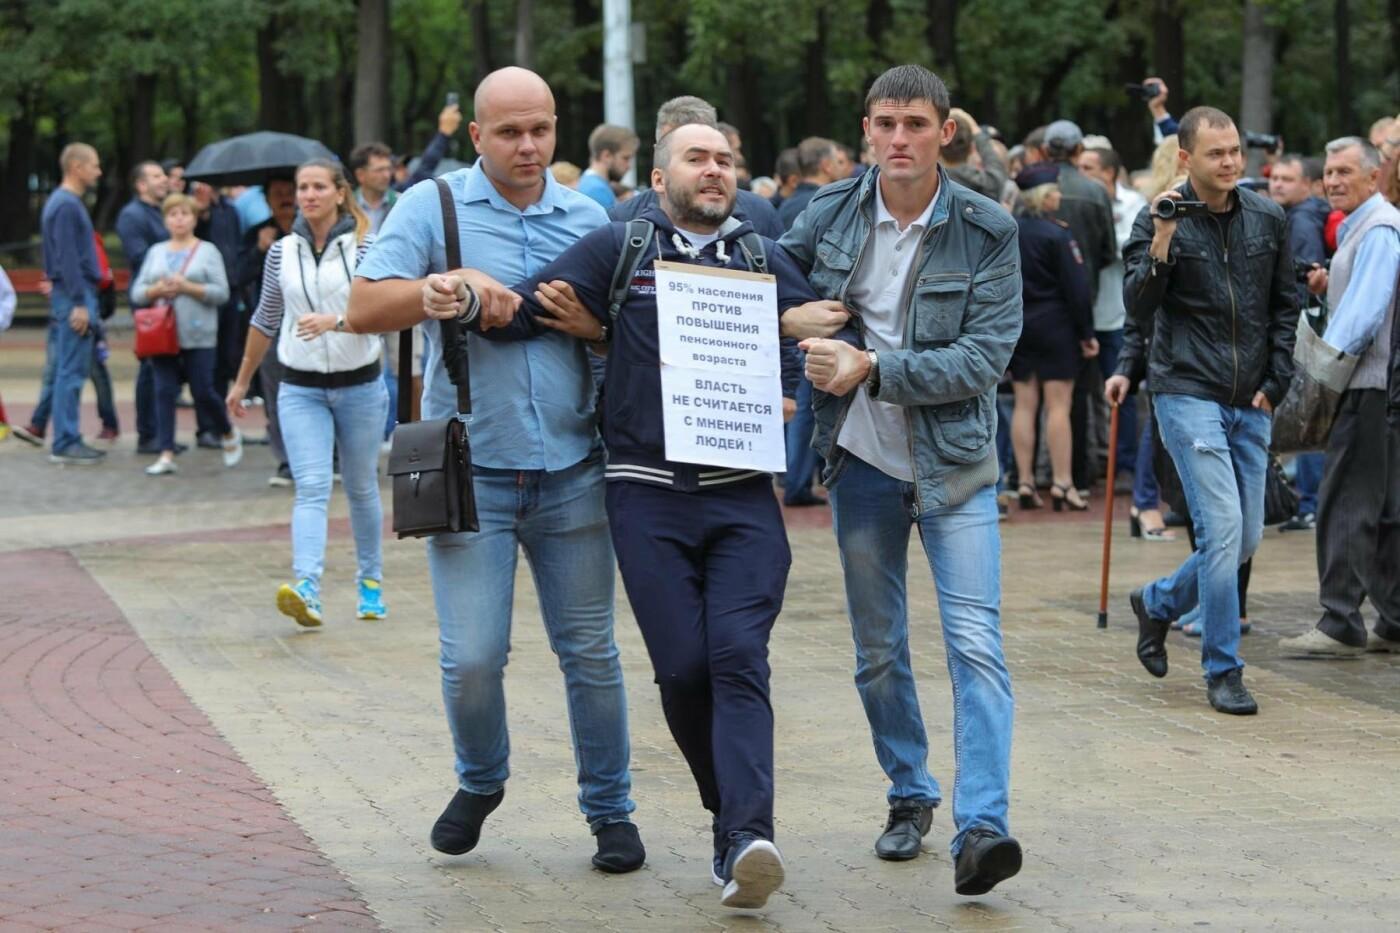 Как в Белгороде прошёл митинг против повышения пенсионного возраста (фото), фото-11